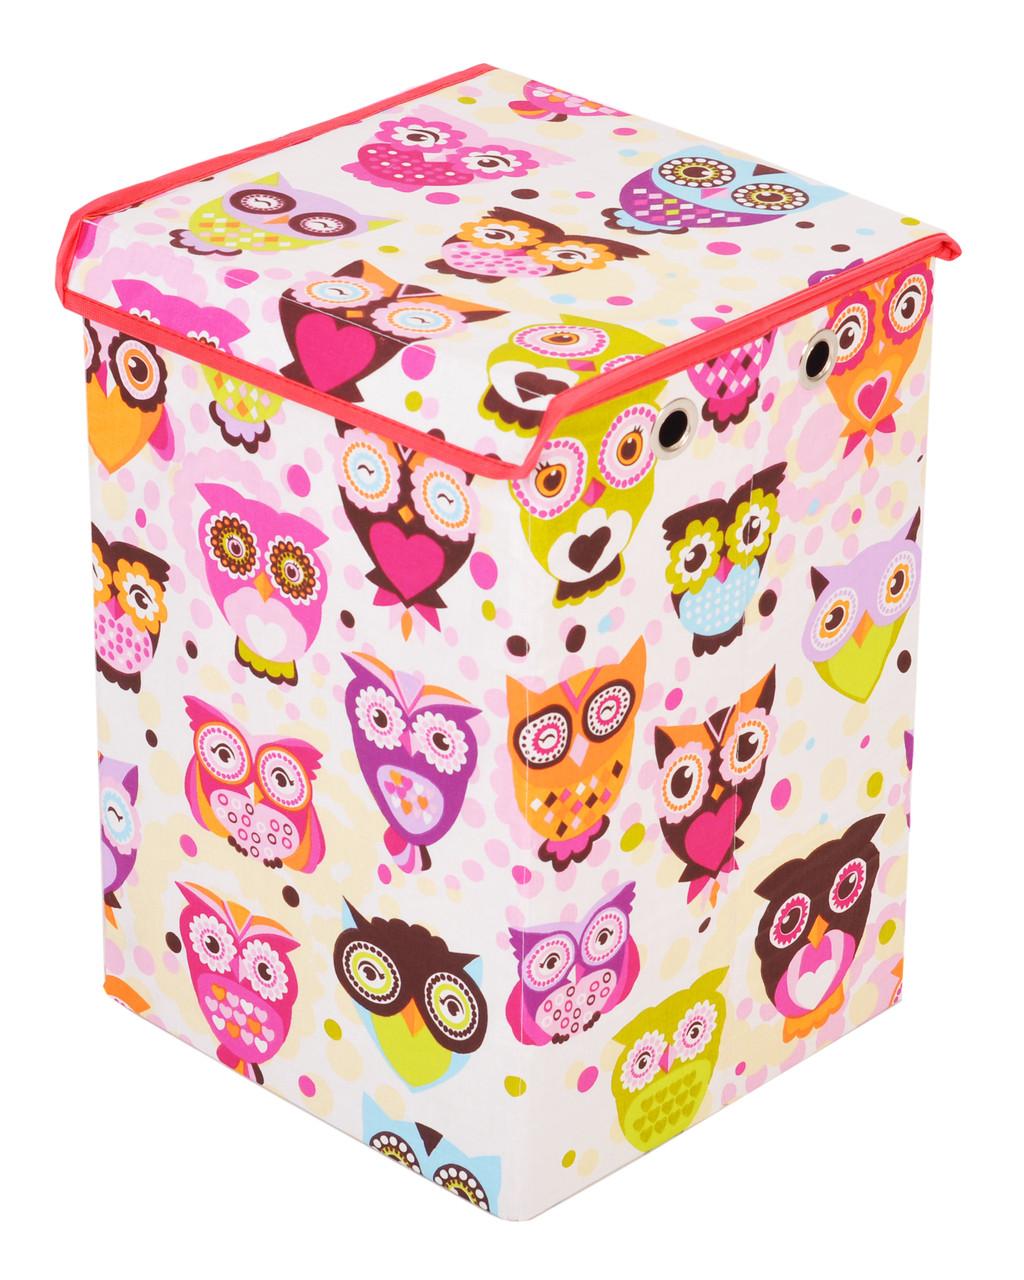 Ящик для зберігання іграшок, 30*30*45 см, (бавовна), Сови з рожевим ( з кришкою )